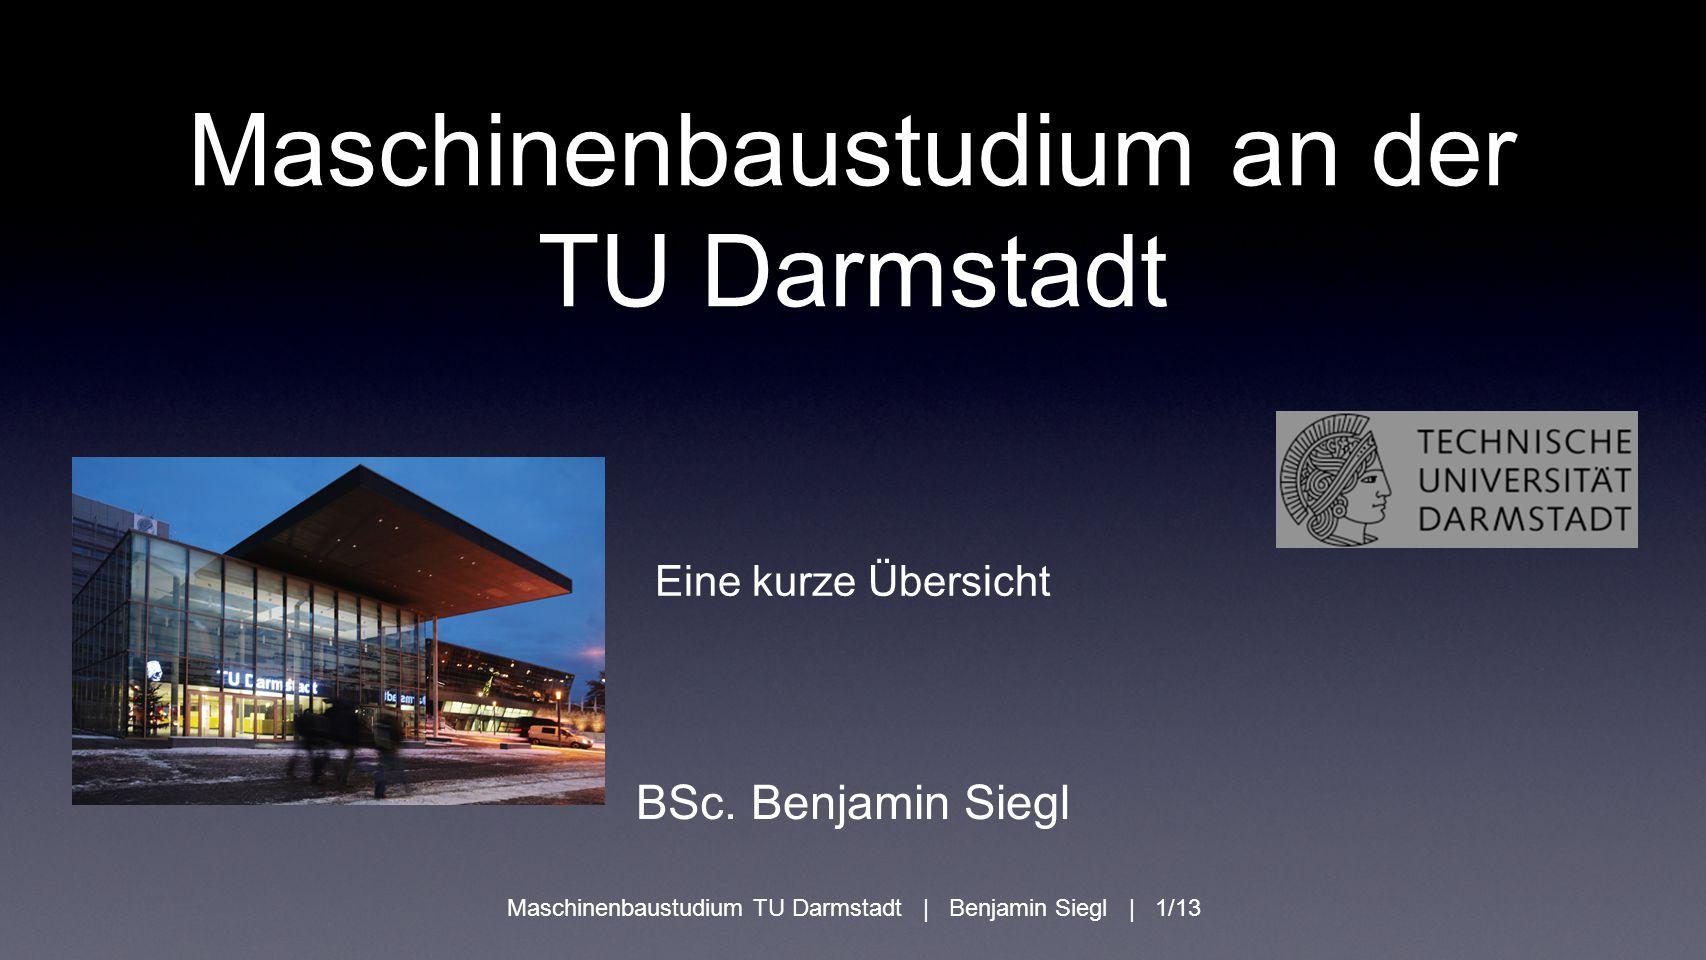 Maschinenbaustudium an der TU Darmstadt